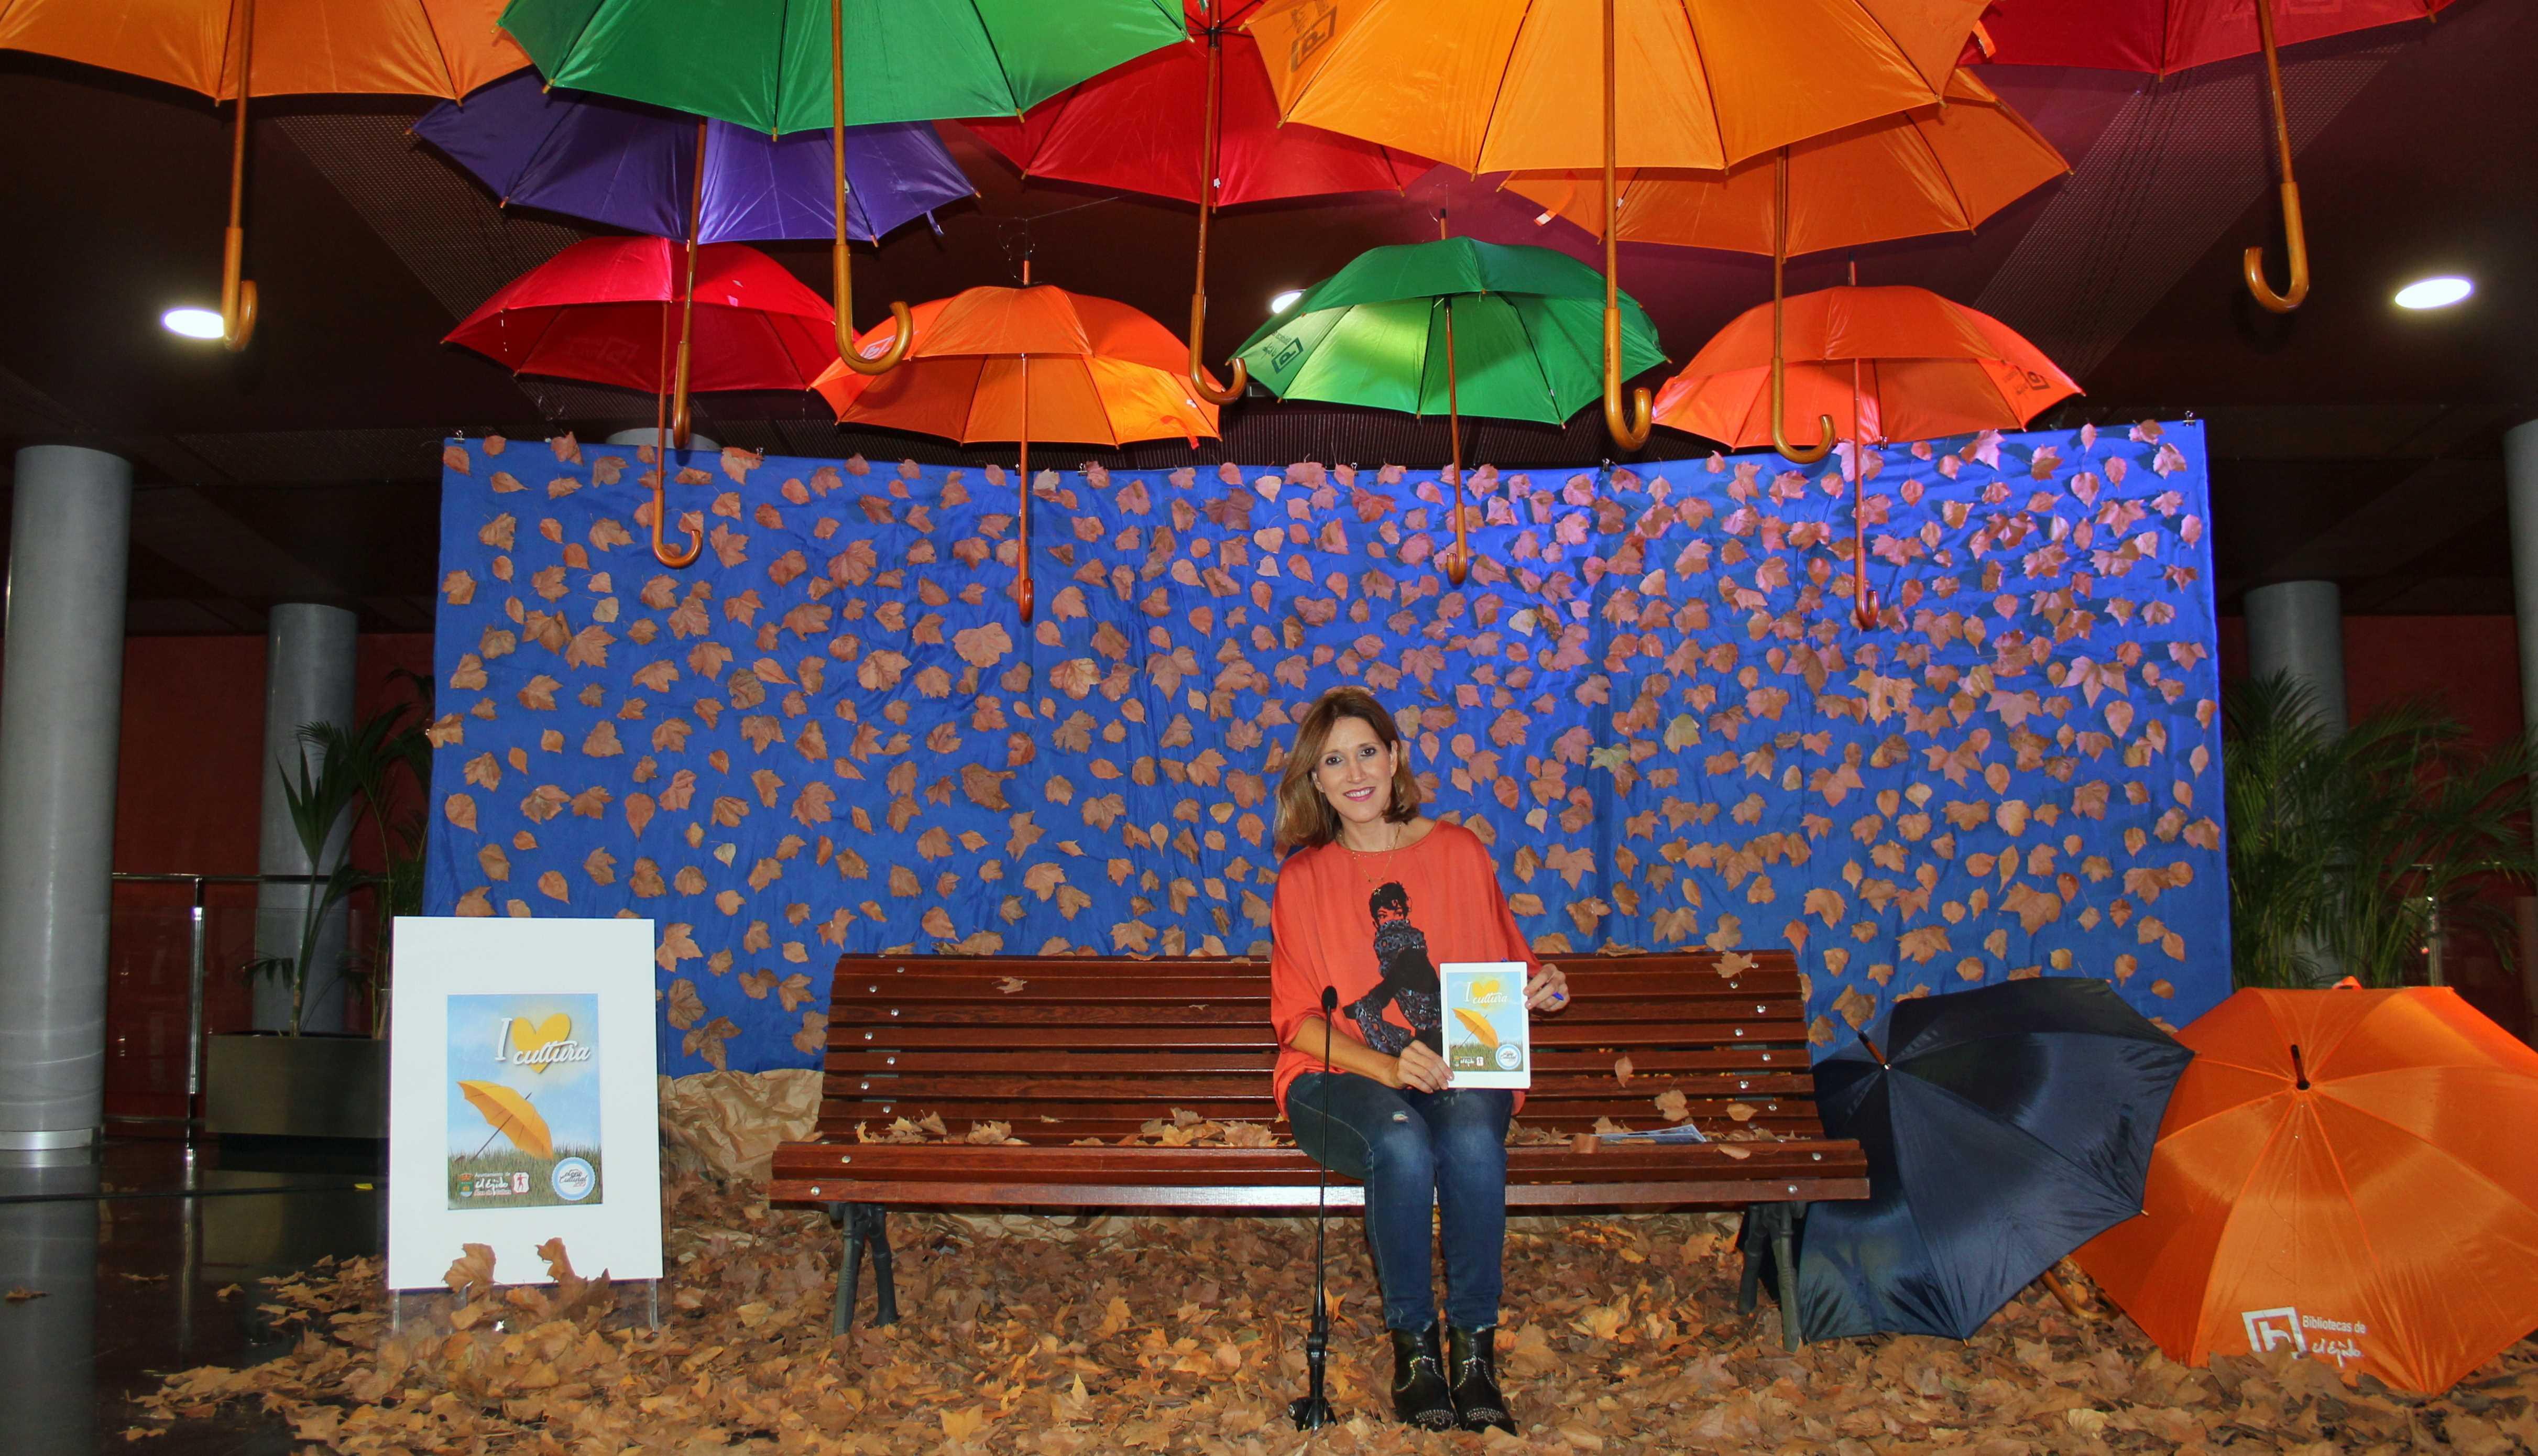 Miguel Poveda, Ayanta Barilli o Martita de Graná ponen el acento a las más de 60 actividades que llenarán el Otoño de cultura en El Ejido